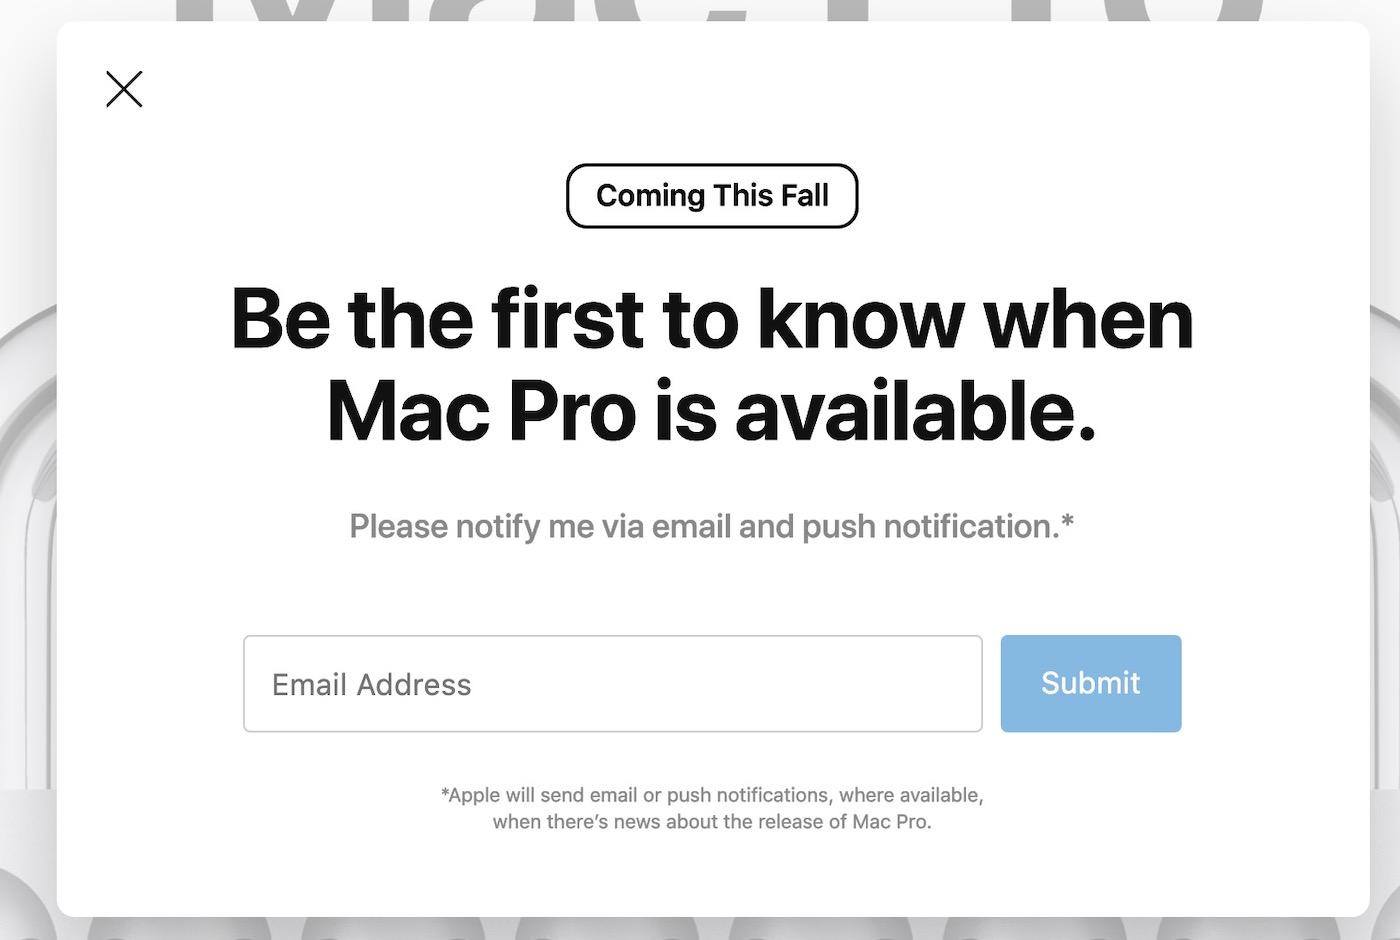 Le nouveau Mac Pro pourrait arriver en septembre selon le site d'Apple